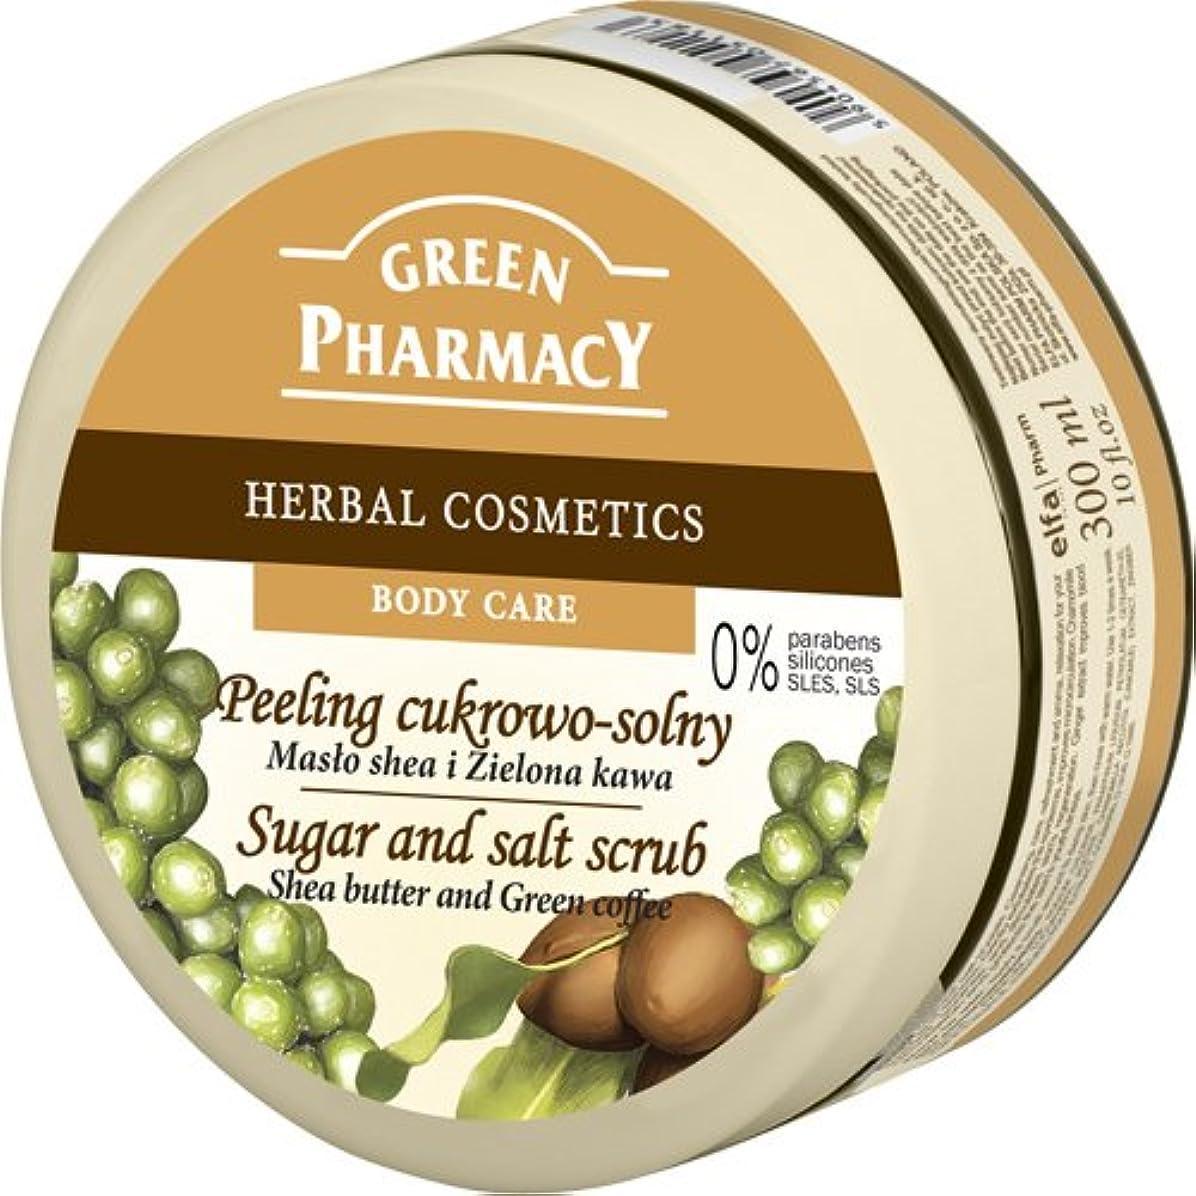 バターお尻厚くするElfa Pharm Green Pharmacy シュガー&ソルトスクラブ Shea Butter and Green Coffee